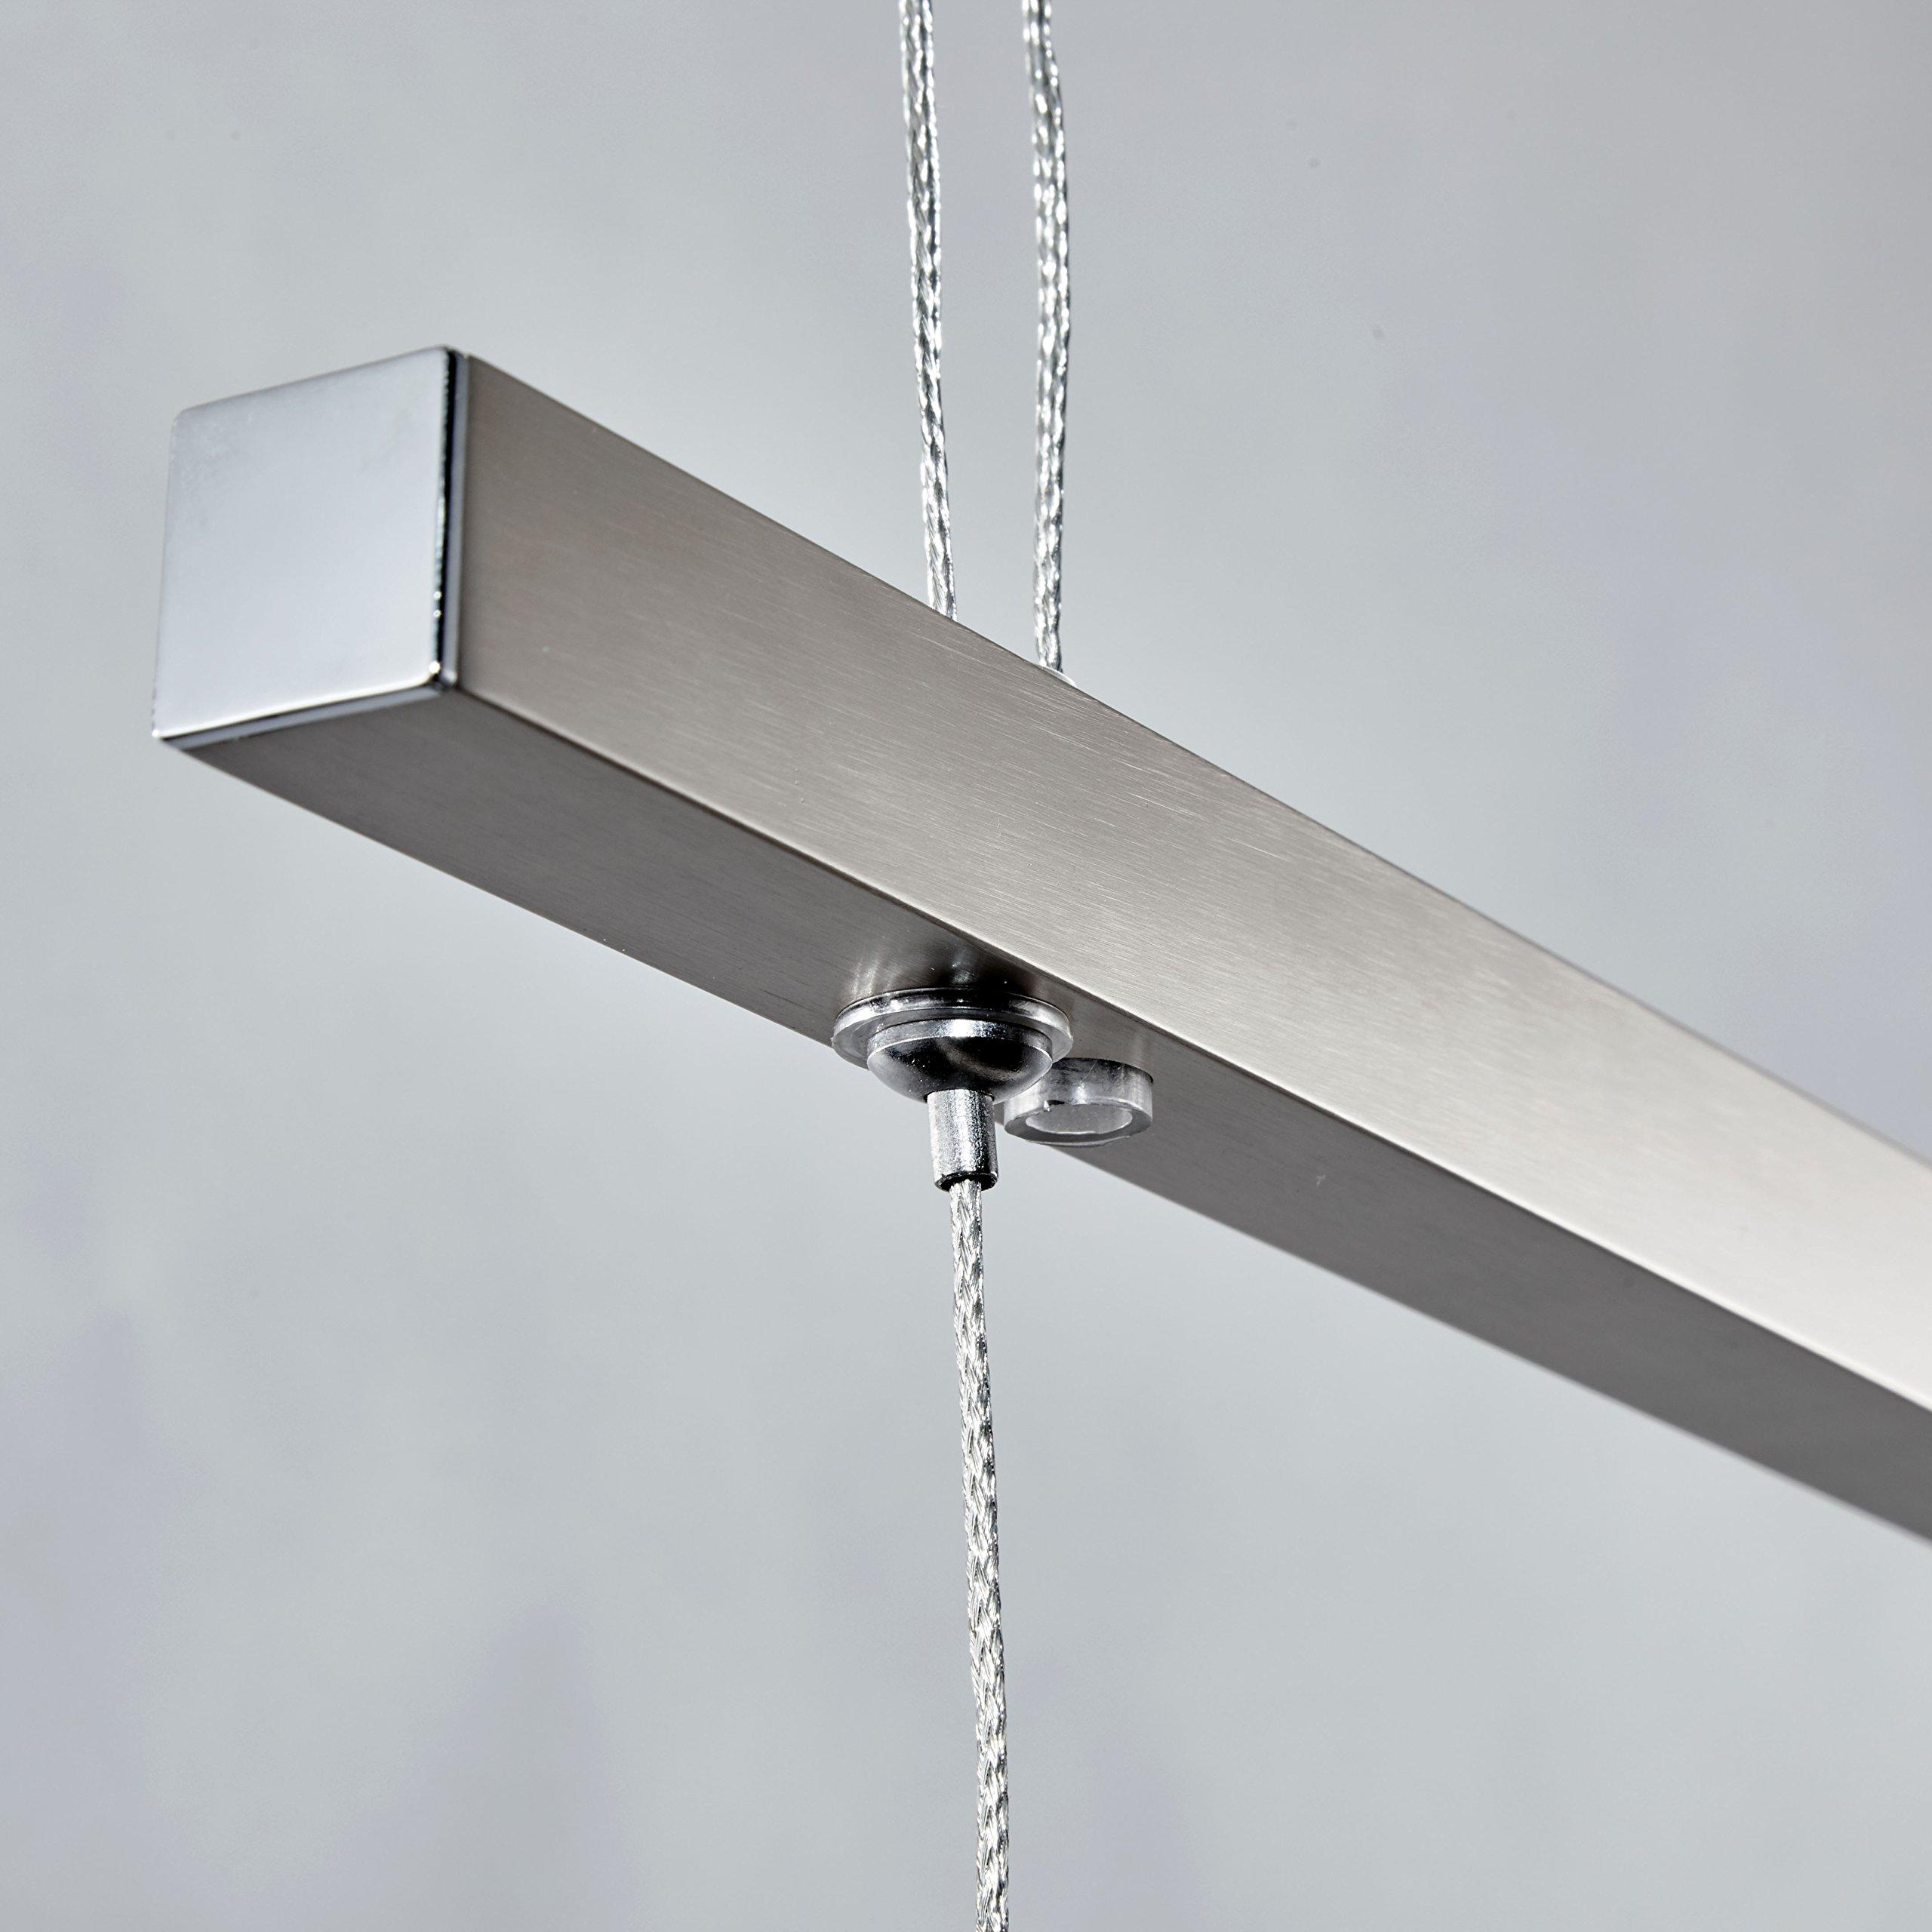 LED Pendelleuchte inkl. 18W 1600lm höhenverstellbar Platine, Esstischleuchte, 3000K warmweiß, IP20 Echtglas